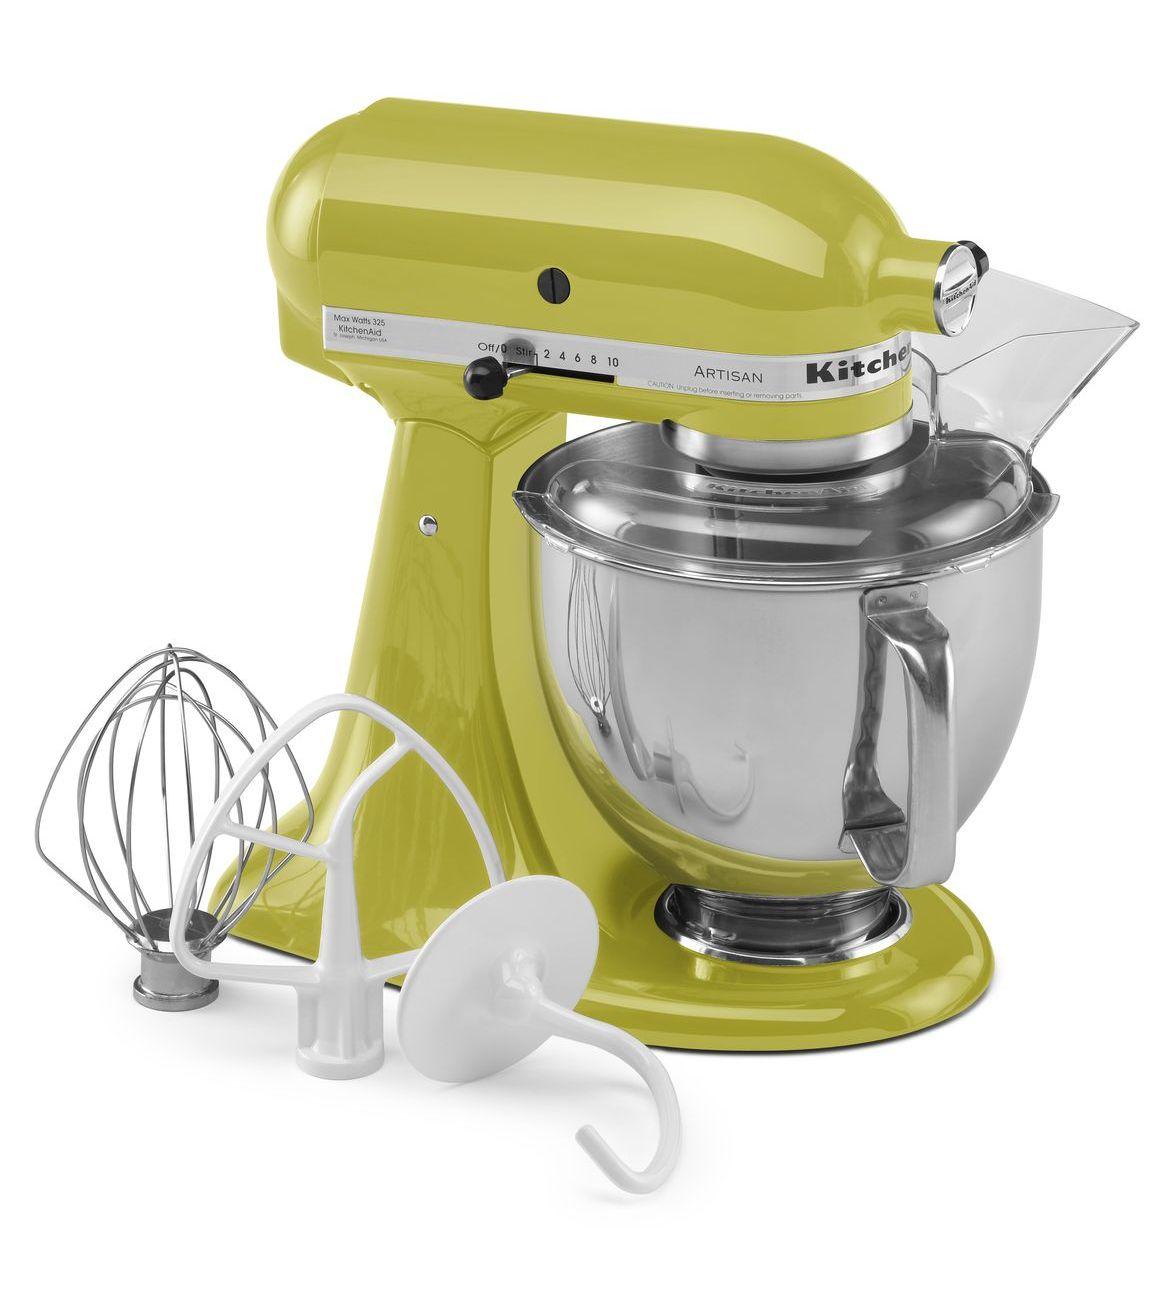 Meilleur kitchenaid 5ksm150 pas cher - Accessoire kitchenaid pas cher ...